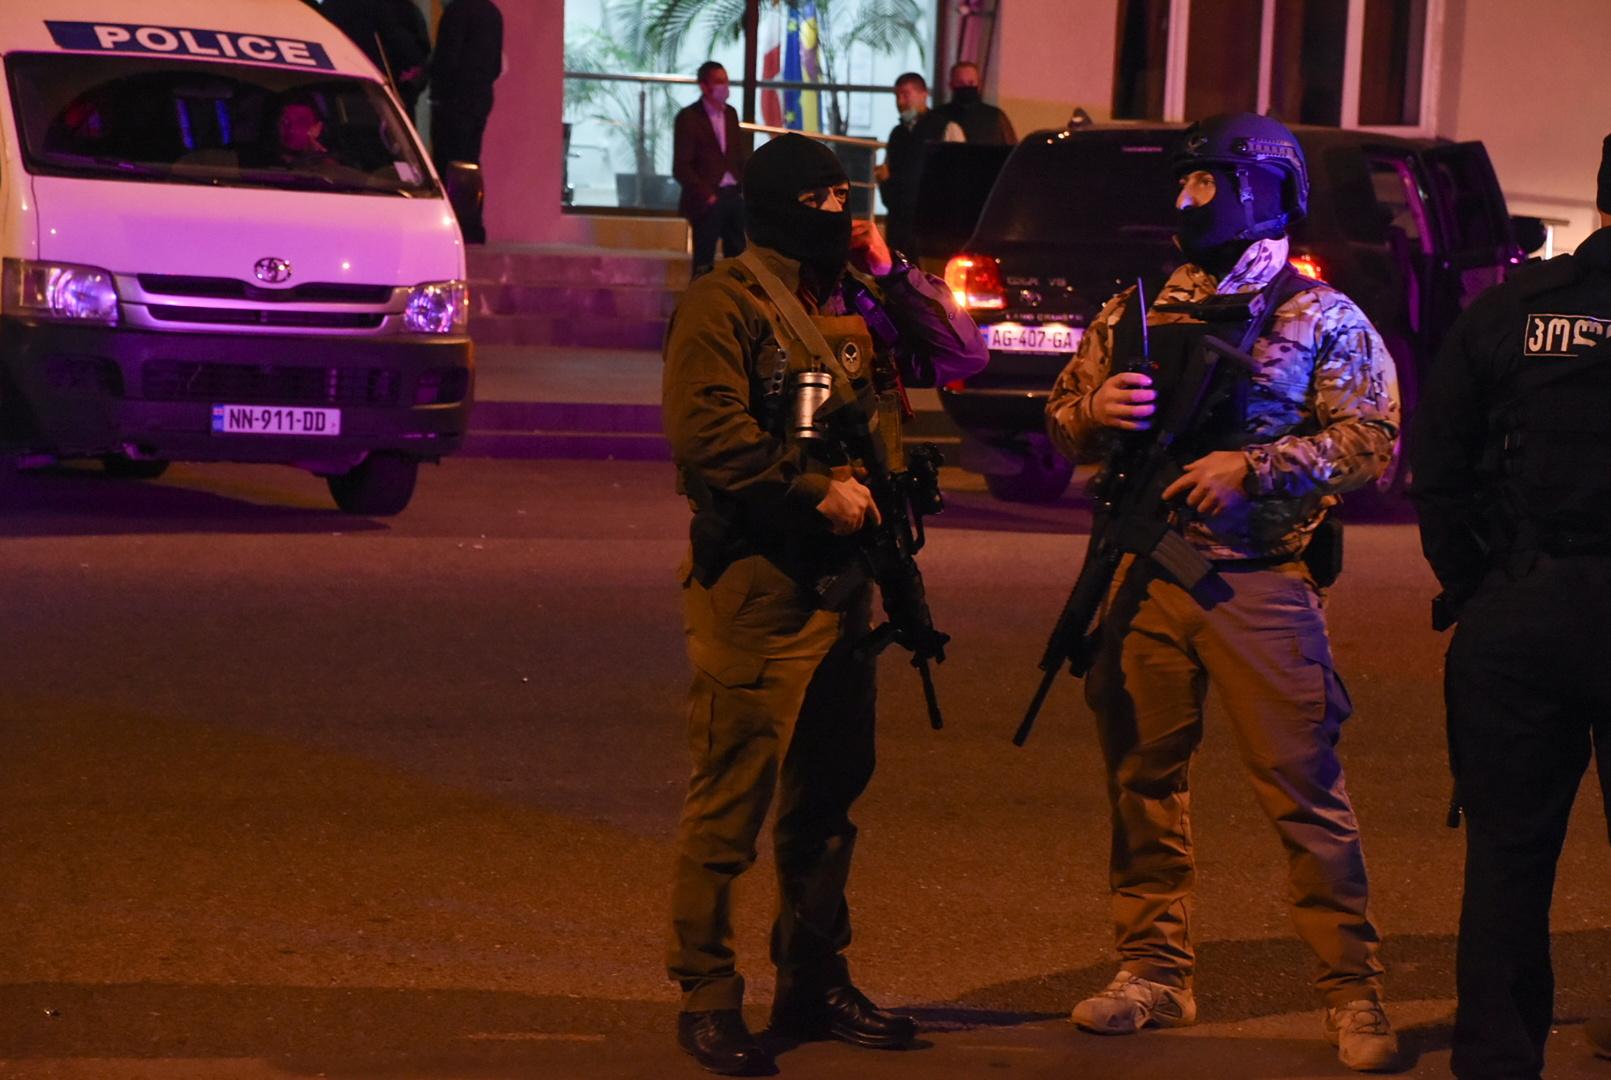 الداخلية الجورجية تعلن تحرير 43 رهينة احتجزهم مسلح في بنك والعملية الأمنية لا تزال جارية